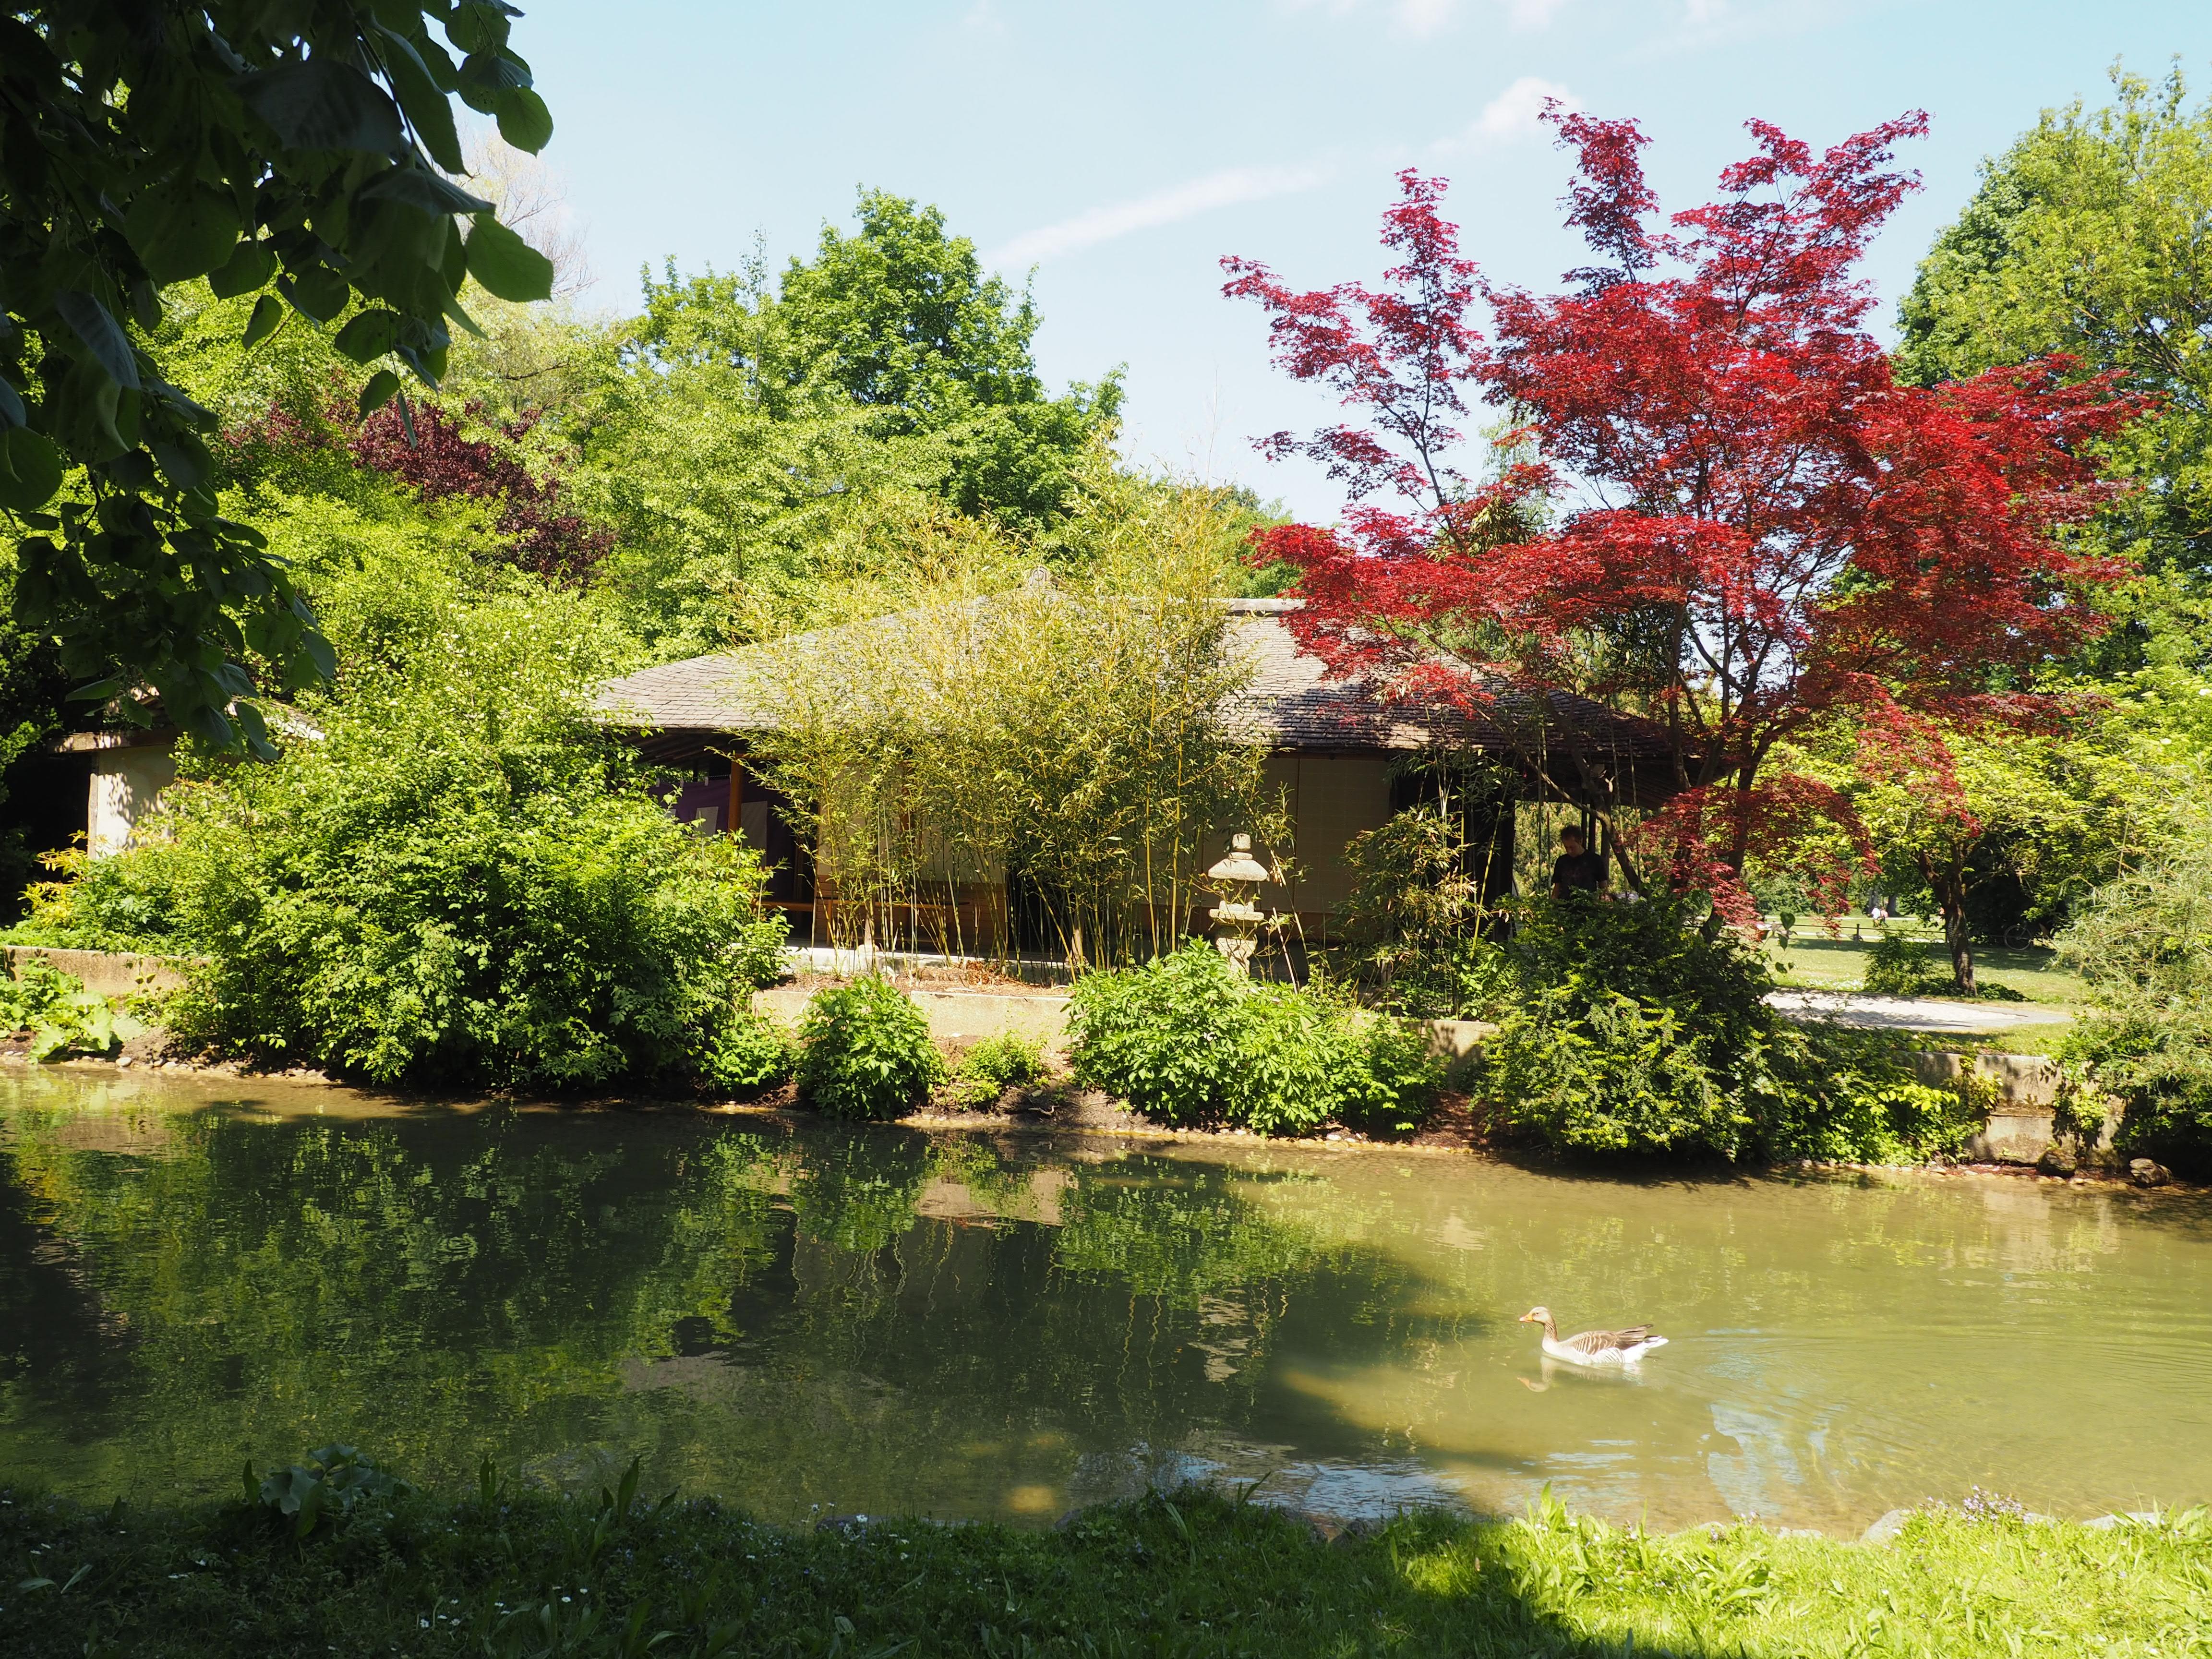 Hier finden ab und an Teezermonien statt: Japanisches Teehaus im englischen Garten in München